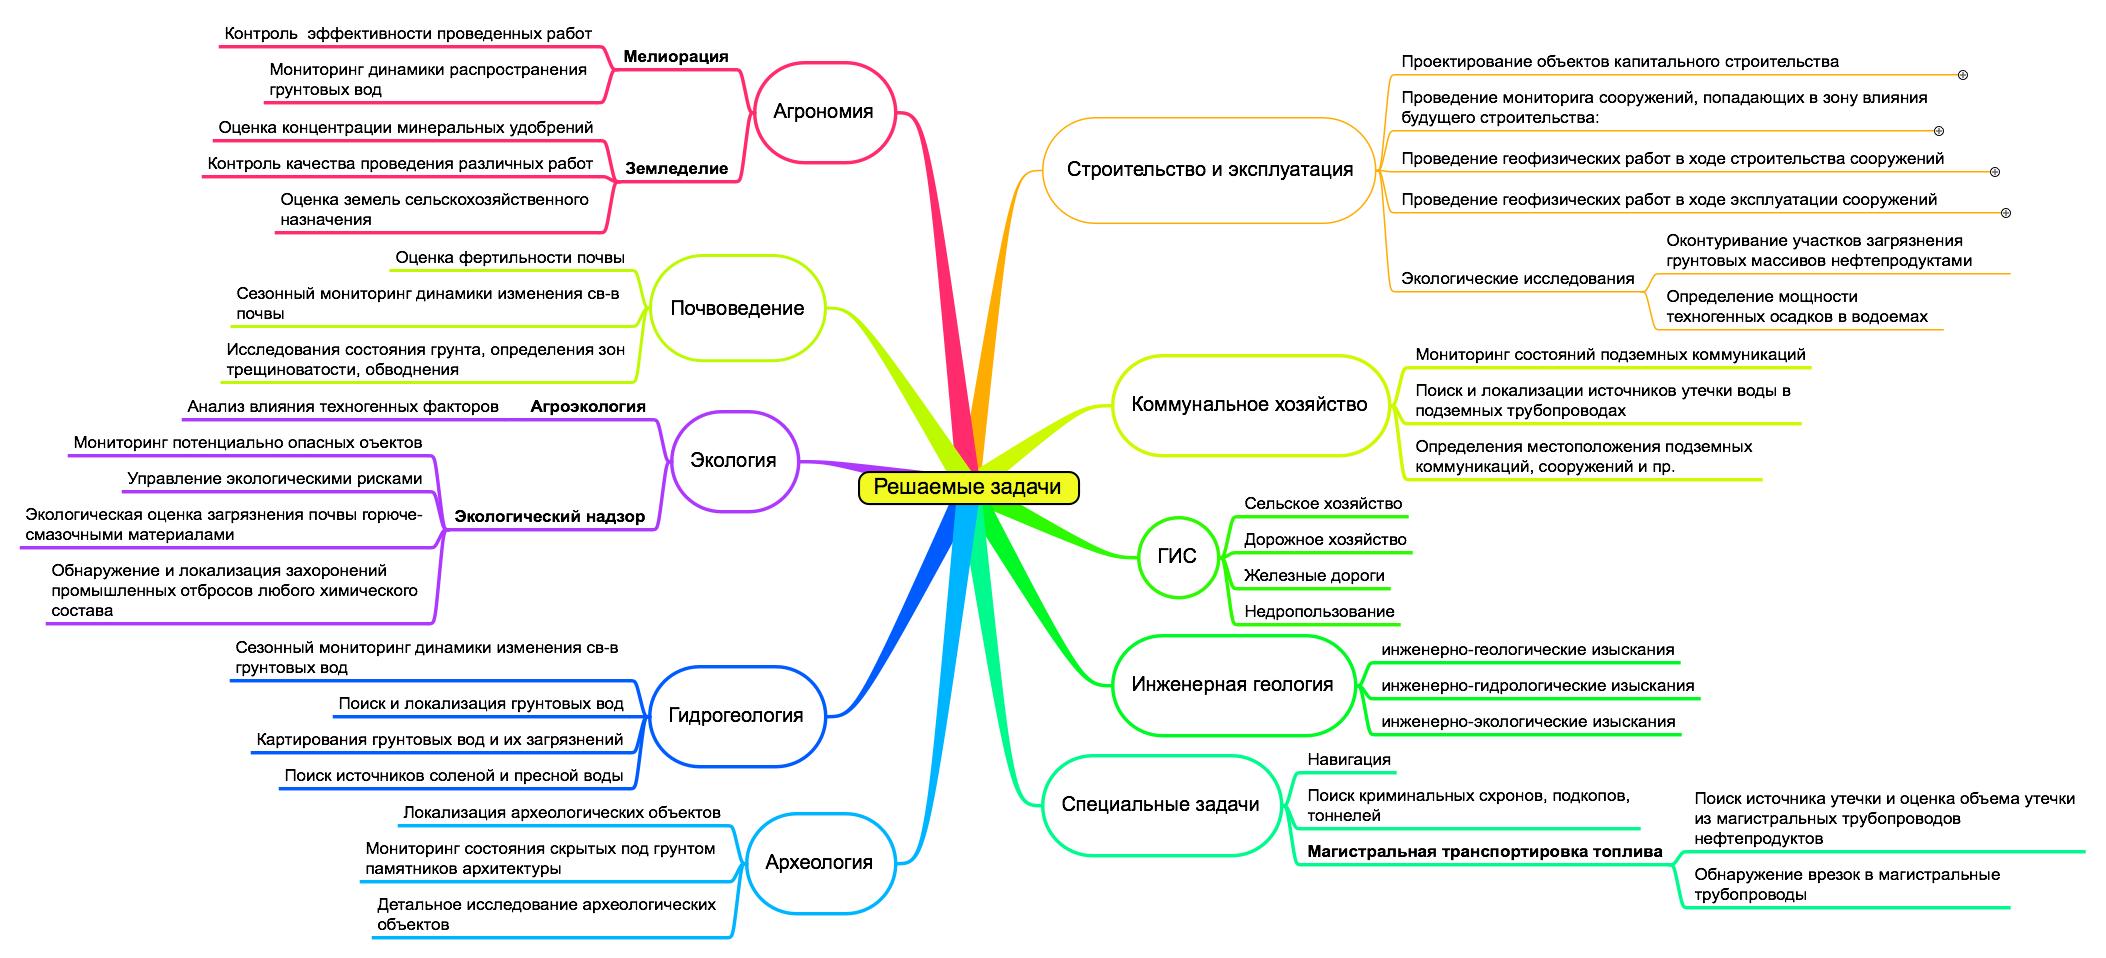 Инструкция По Проведению Геофизических Исследований